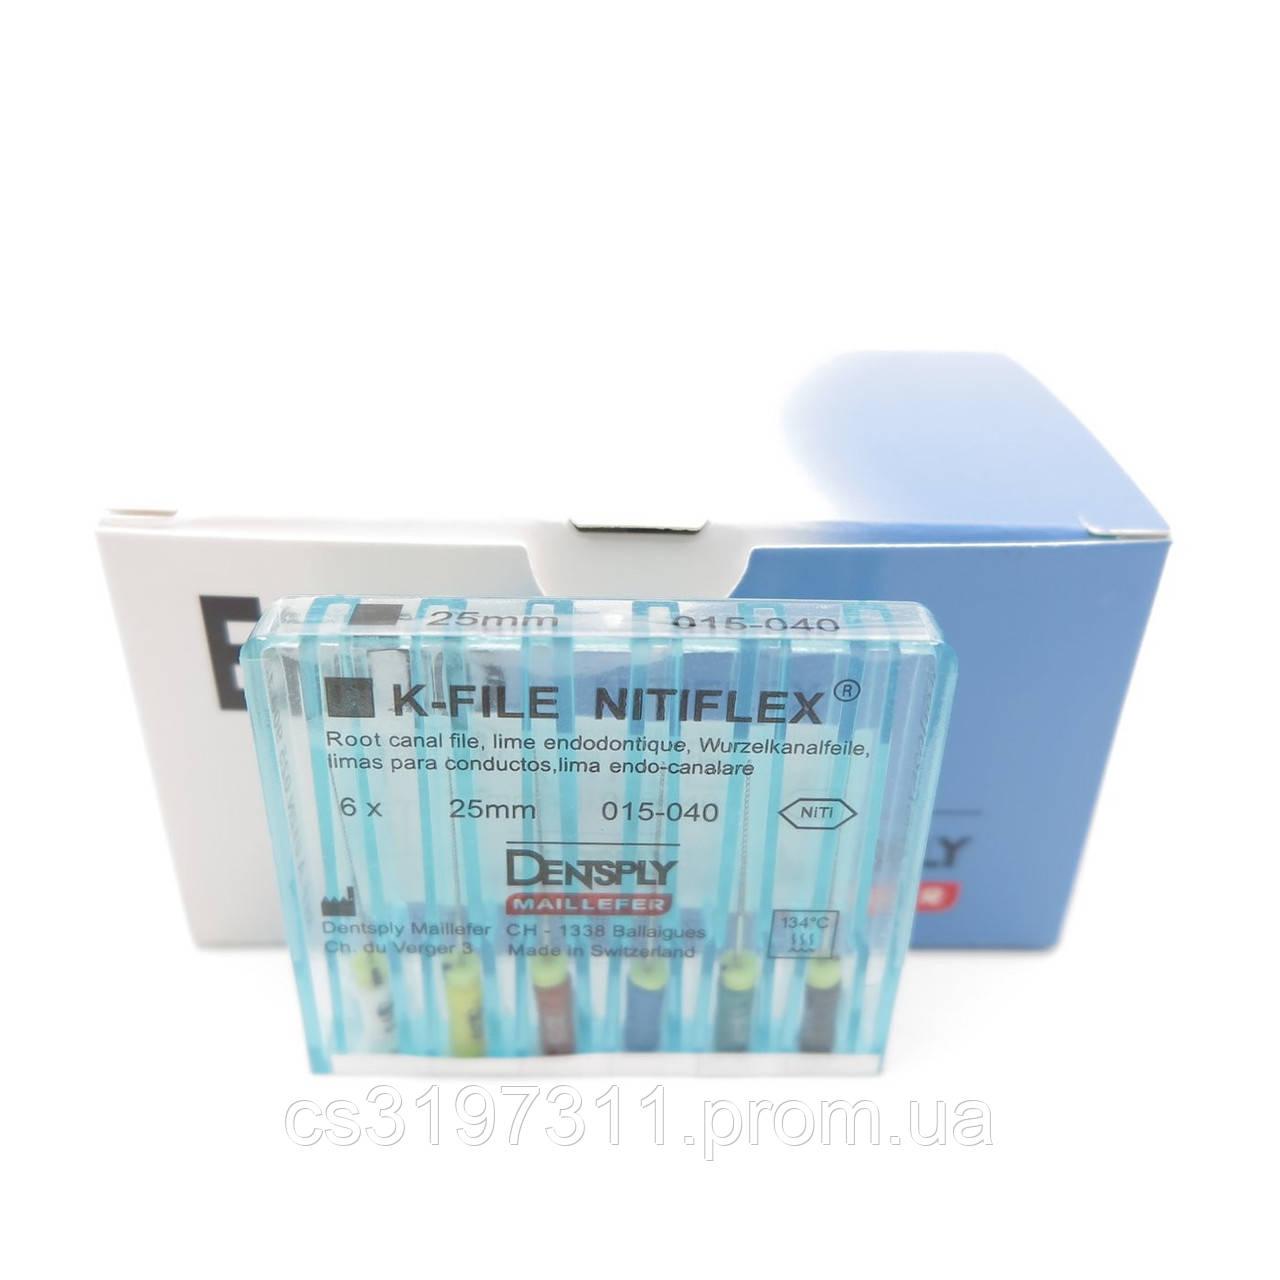 Ендодонтичні інструменти (файли) Dentsply Sirona K-File Nitiflex № 15 - 40, довжина 25 мм, 6 шт.